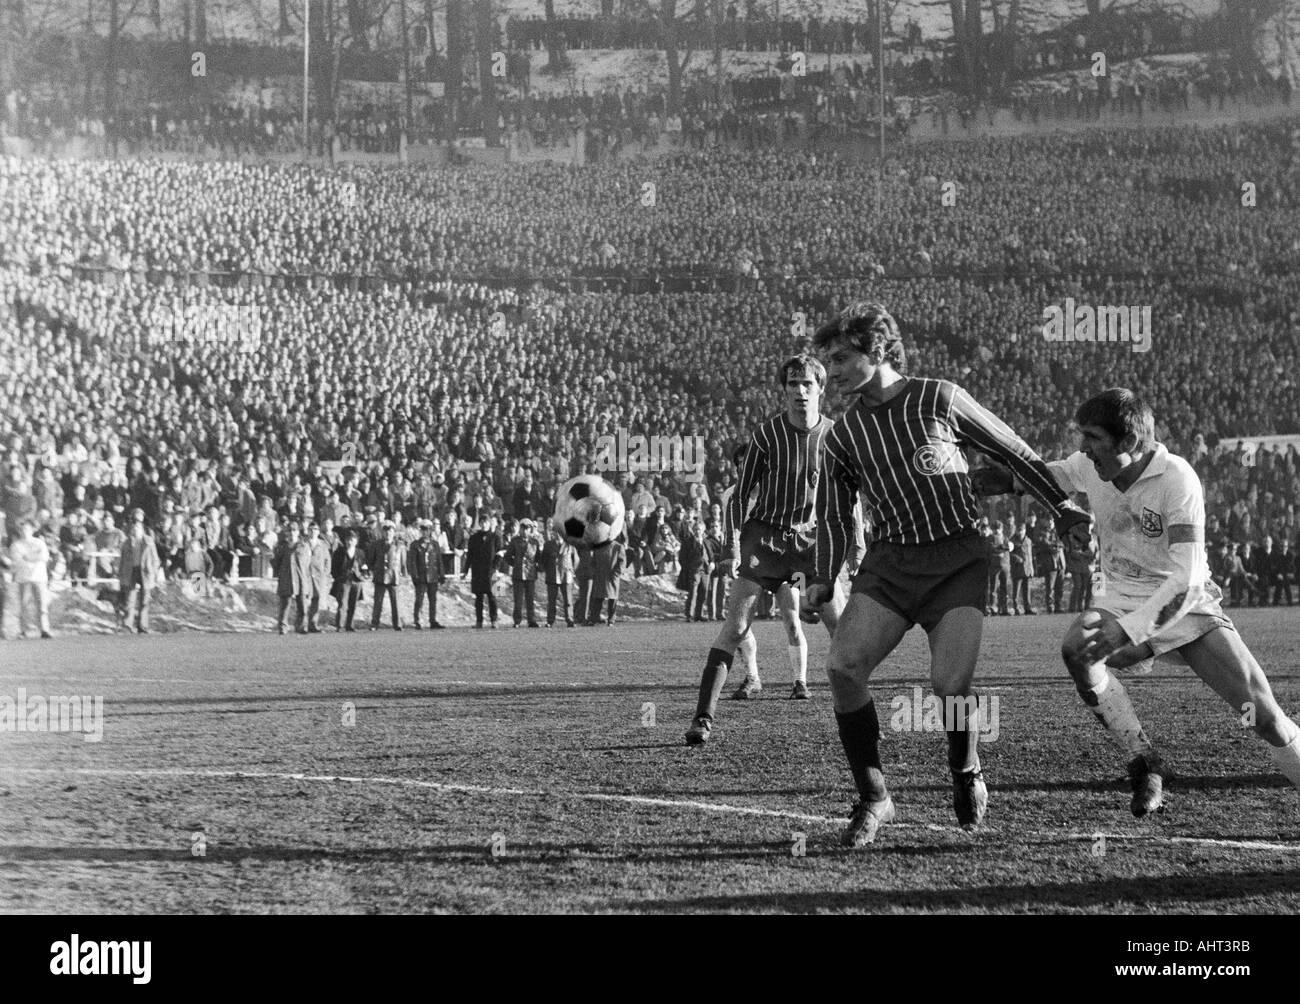 football, Regionalliga West, 1970/1971, Stadium am Zoo in Wuppertal, Wuppertaler SV versus Fortuna Duesseldorf 1:1, scene of the match, f.l.t.r. Werner Kriegler (Ddorf), Dieter Herzog (Ddorf), Manfred Reichert (WSV) - Stock Image